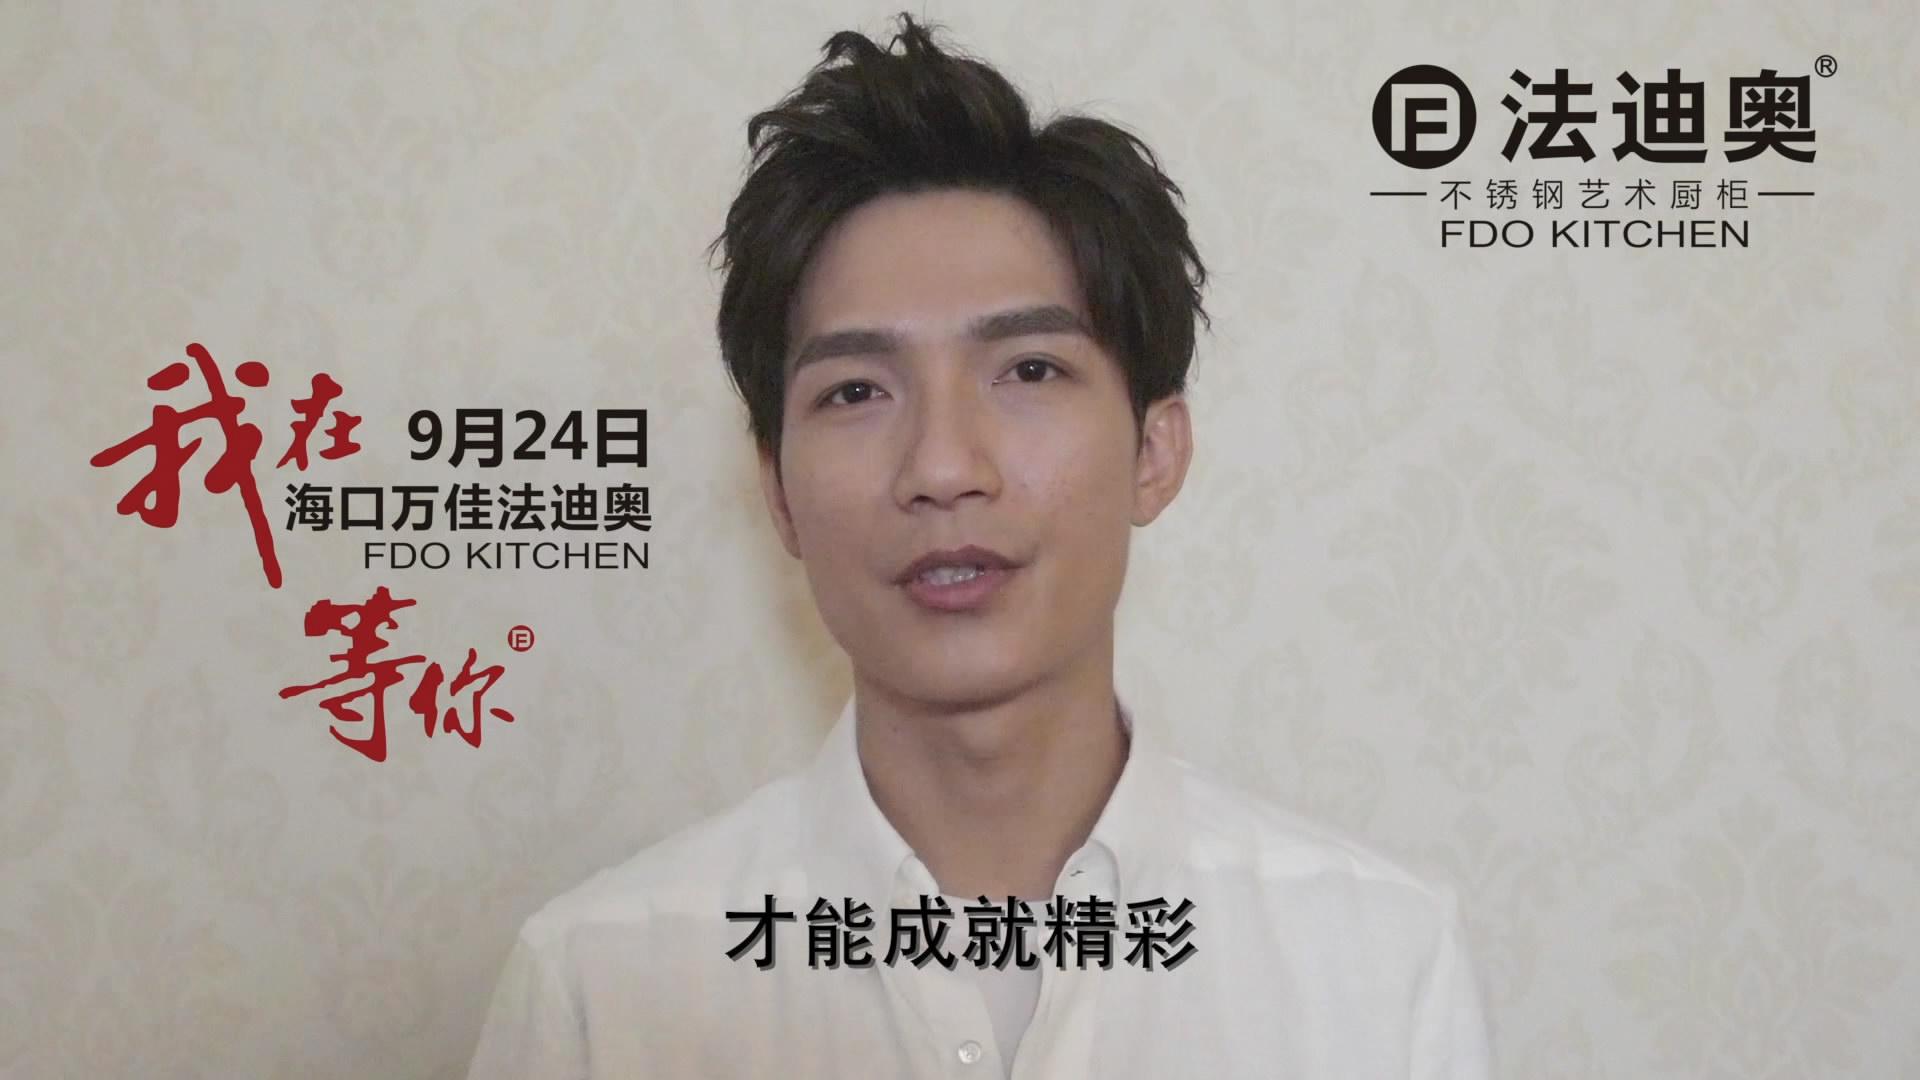 9月24日,陈楚生在海口万佳广场约定你!